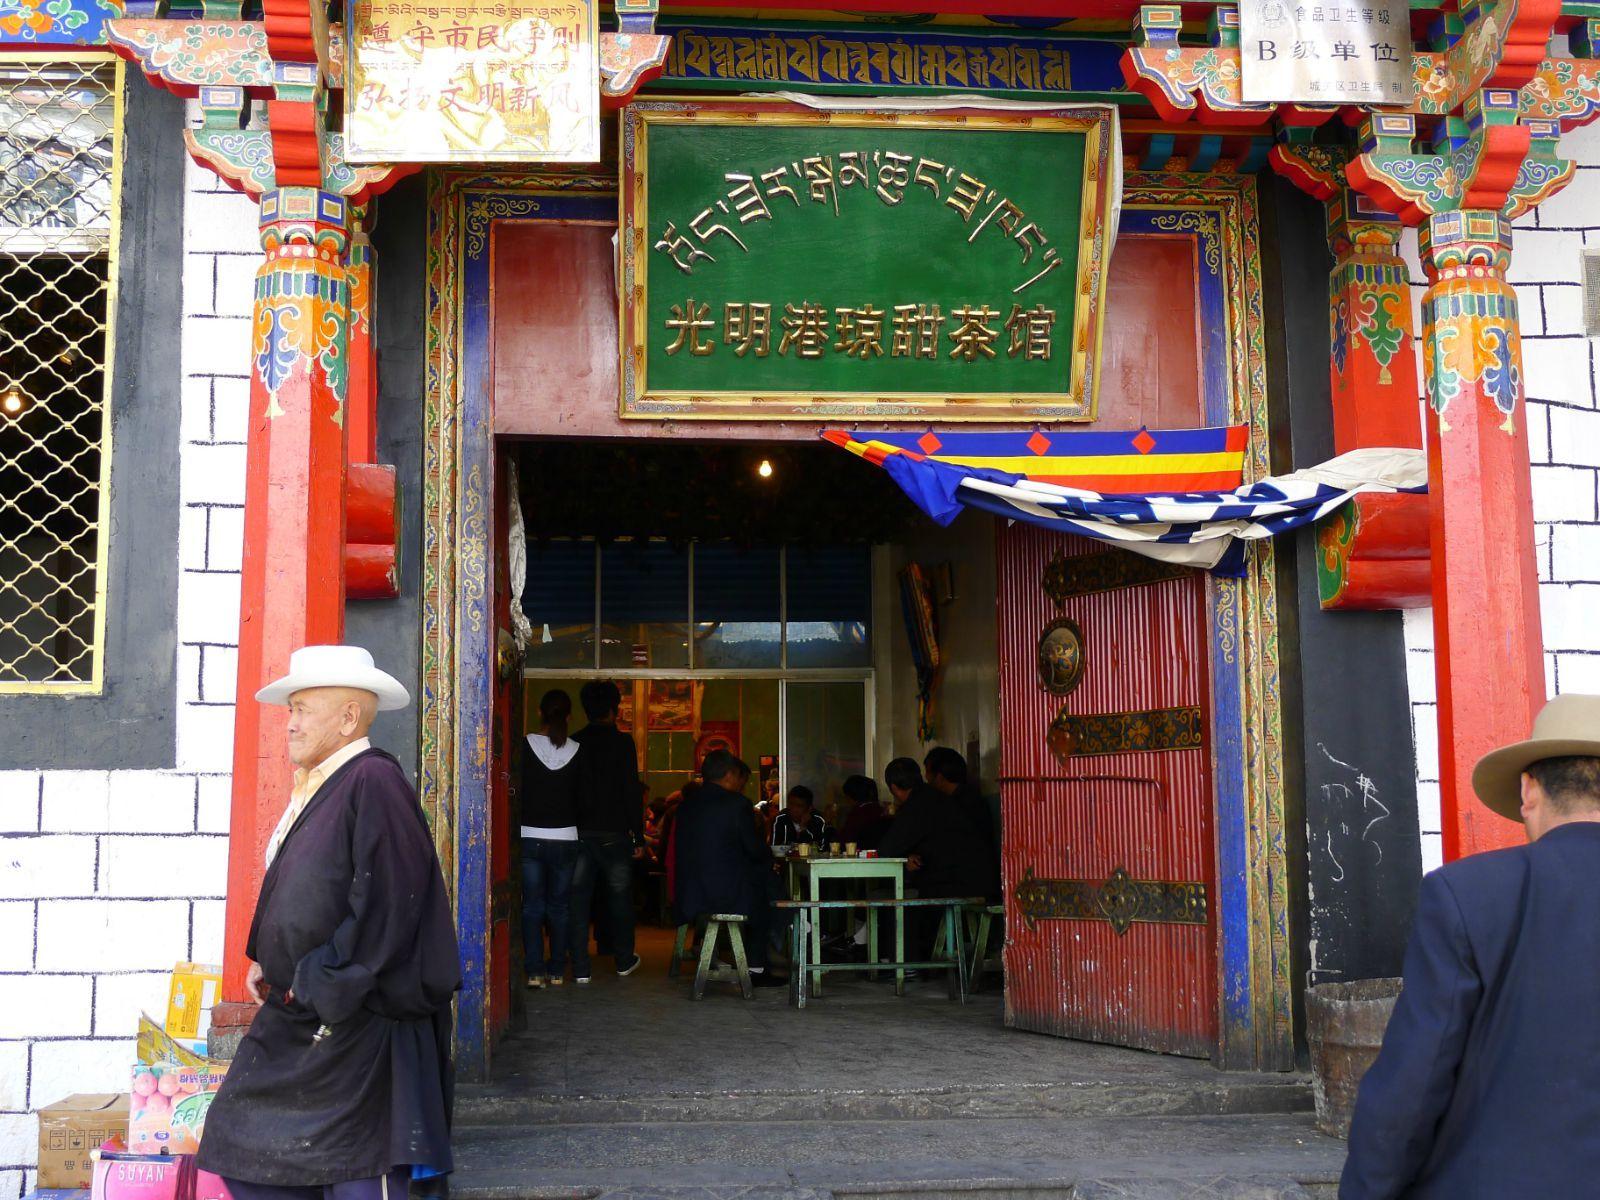 光明港琼甜茶馆门口就是到大昭寺的主要通道丹杰林路,商业繁荣,加上茶馆的价格地道,虽然内部环境很一般,就是一个简单的集体食堂一般,但这个茶馆名气、人流量在当地都是最大的。甜茶馆门不大,很有藏式风格,进了大门,里面大厅很宽敞,有好几排长条矮桌,很有藏式风格,其实这大厅就是院子上面打了个顶棚而已,茶馆汇集着各种身份的人,简直是人满为患,藏民在这里就像成都人泡茶馆一样,一呆就是半天。这里是西藏最市井的地方,当然也是我们这些游客体验民风的好地方,不时的进来一队队游客,据说偶尔也会碰到很多老外在这里喝茶。不管你能否听